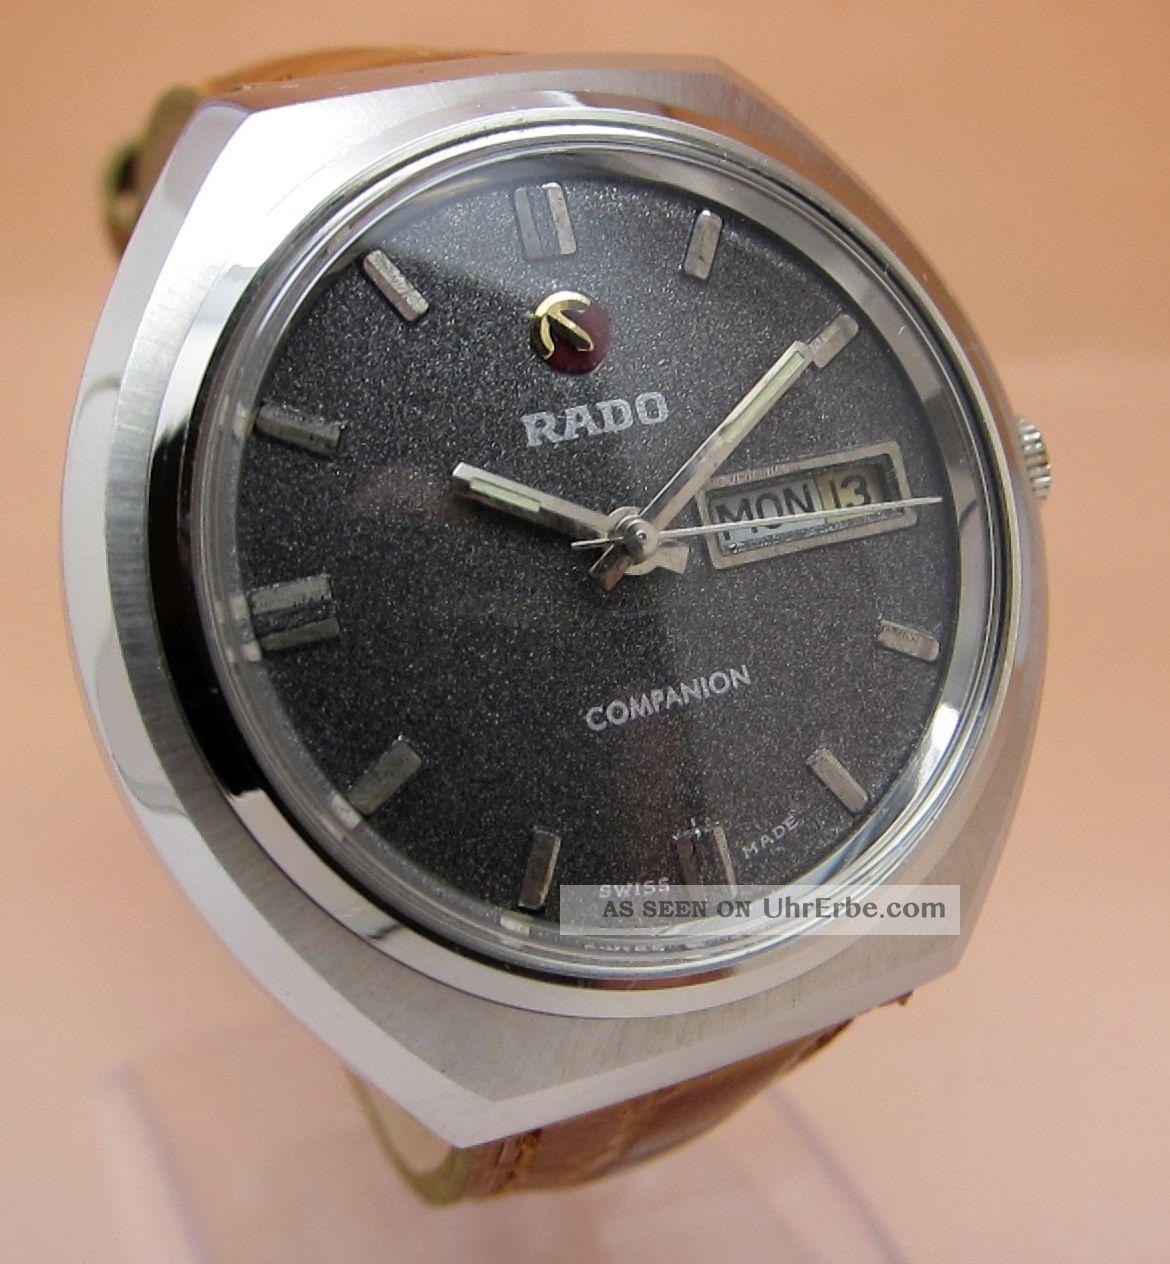 Rado Companion Glasboden Mechanische Uhr 17 Jewels Datum & Tag Lumi Zeiger Armbanduhren Bild